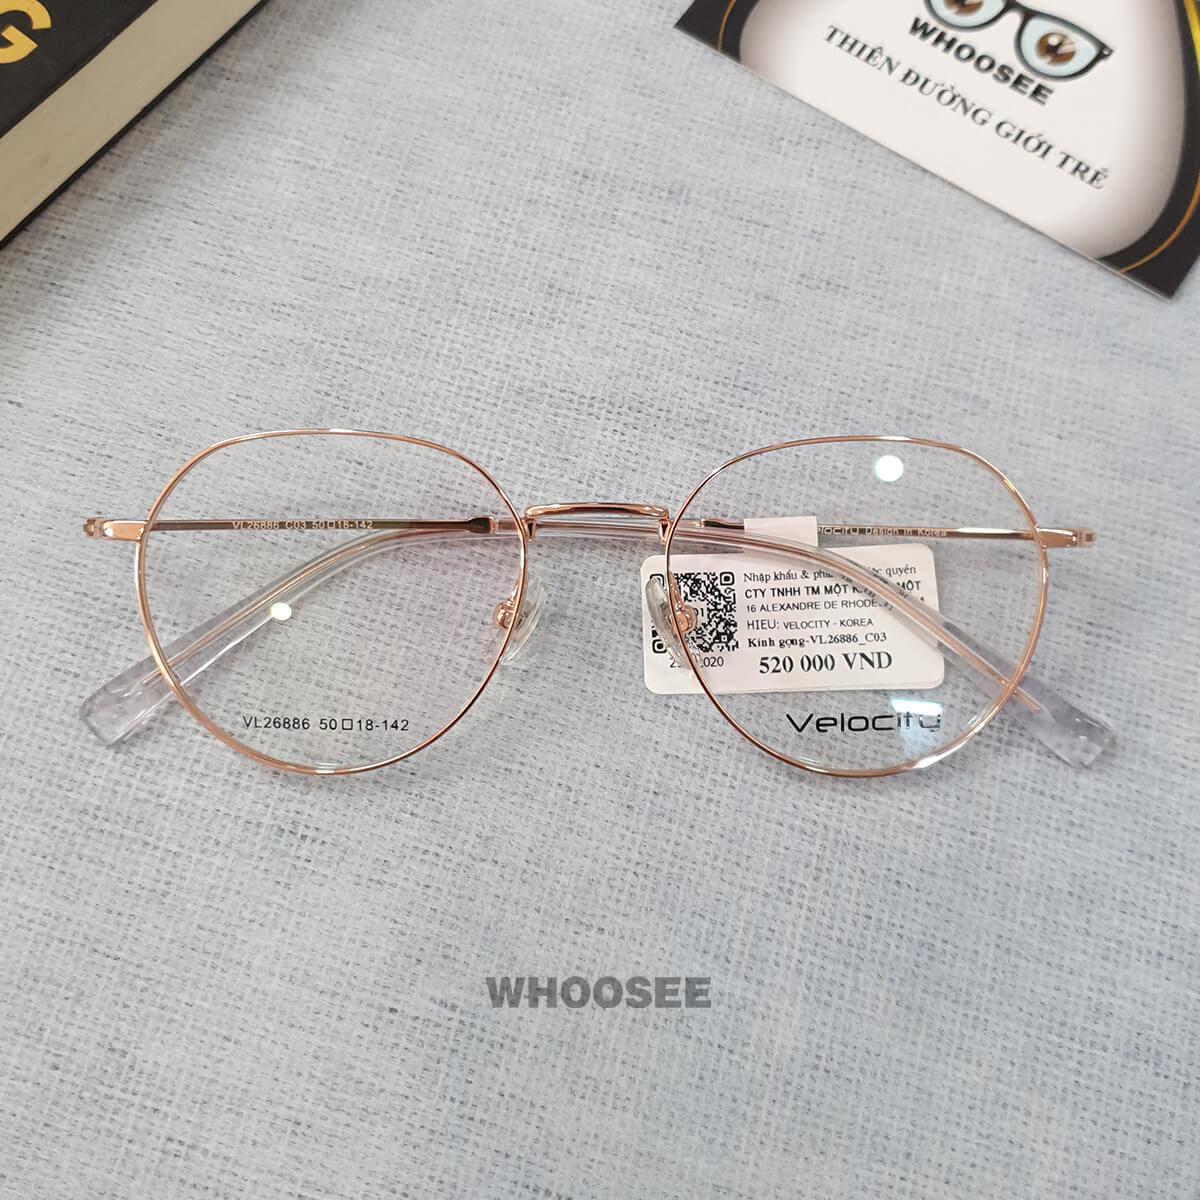 Gọng kính cận nữ kim loại tròn lục giác vàng hồng VL26886 Velocity